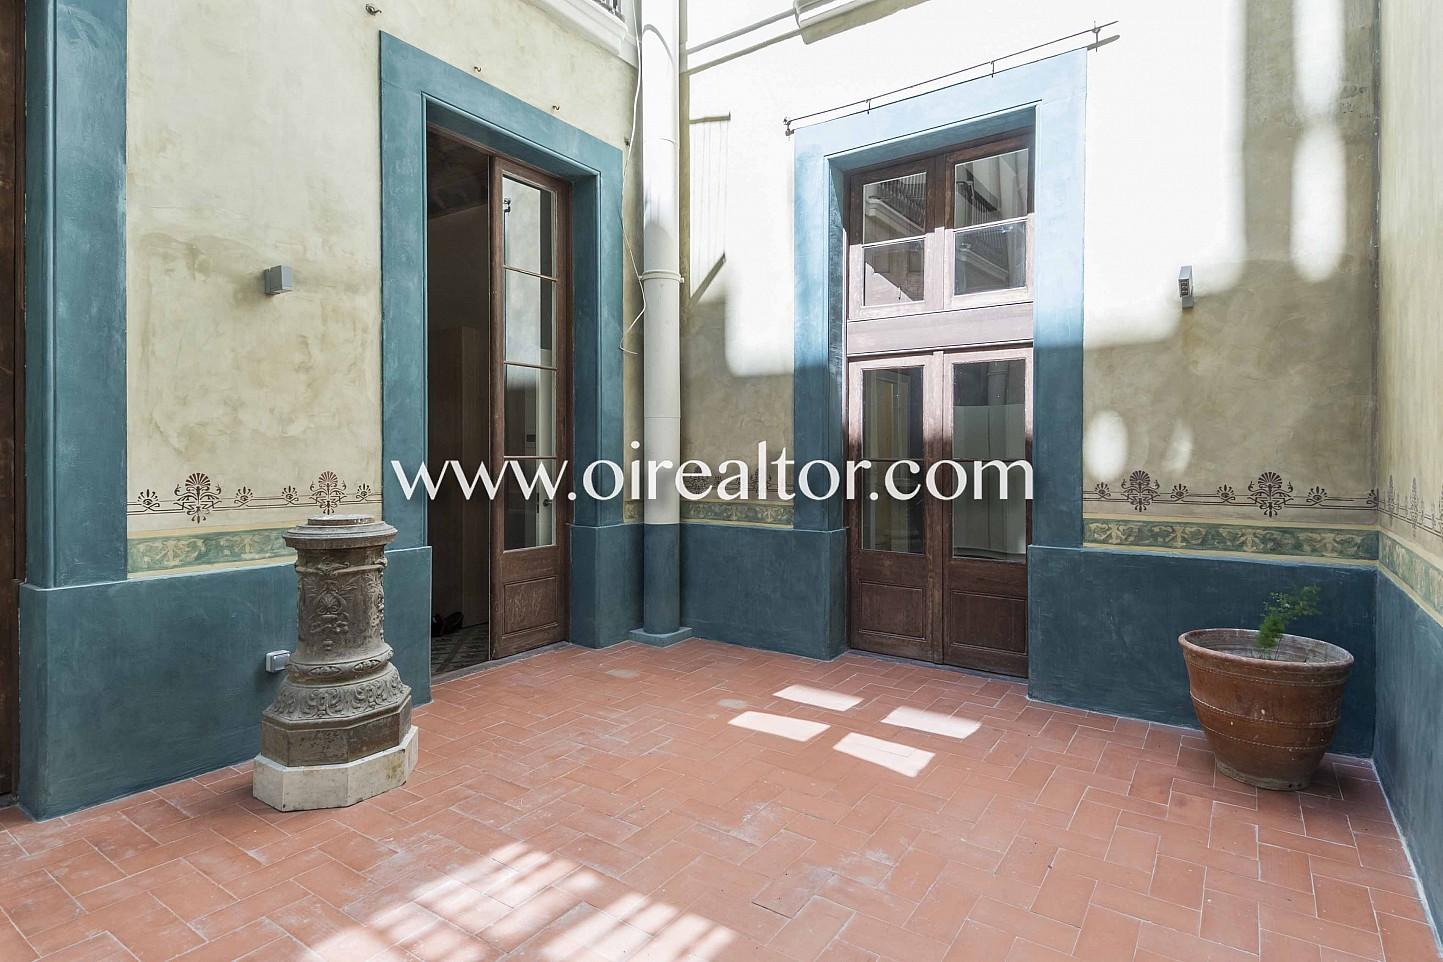 piso modernista, piso clásico, finca regia, modernismo catalán, entrada, zona comunitaria